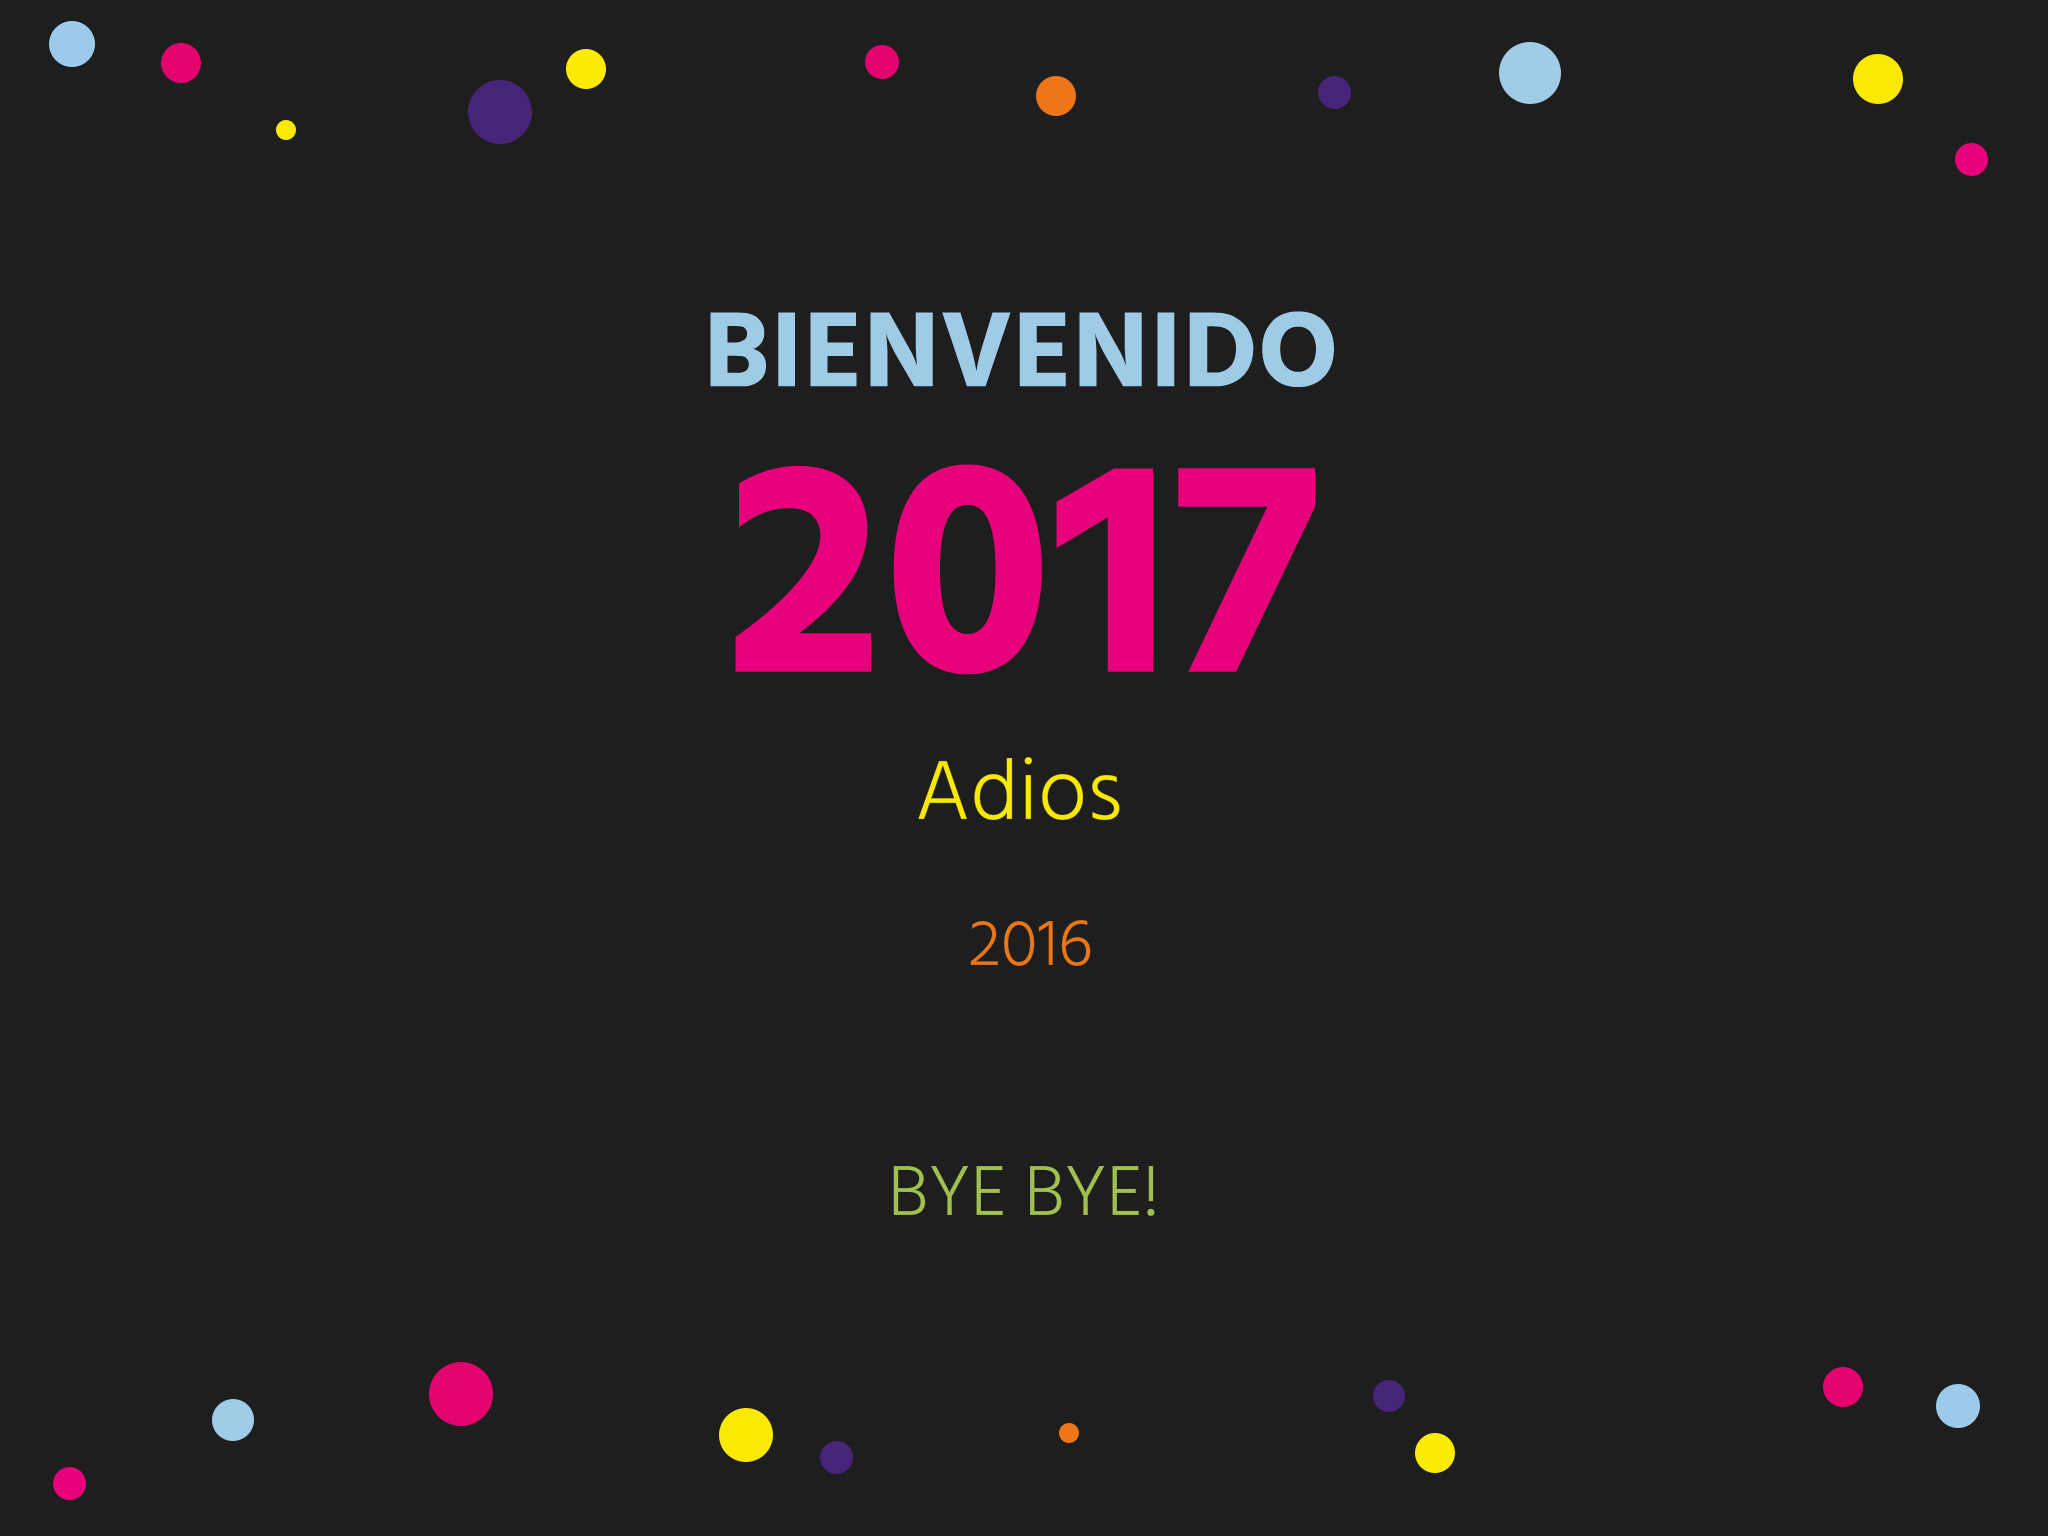 imagenes-chau-2016-bienvenido-2017